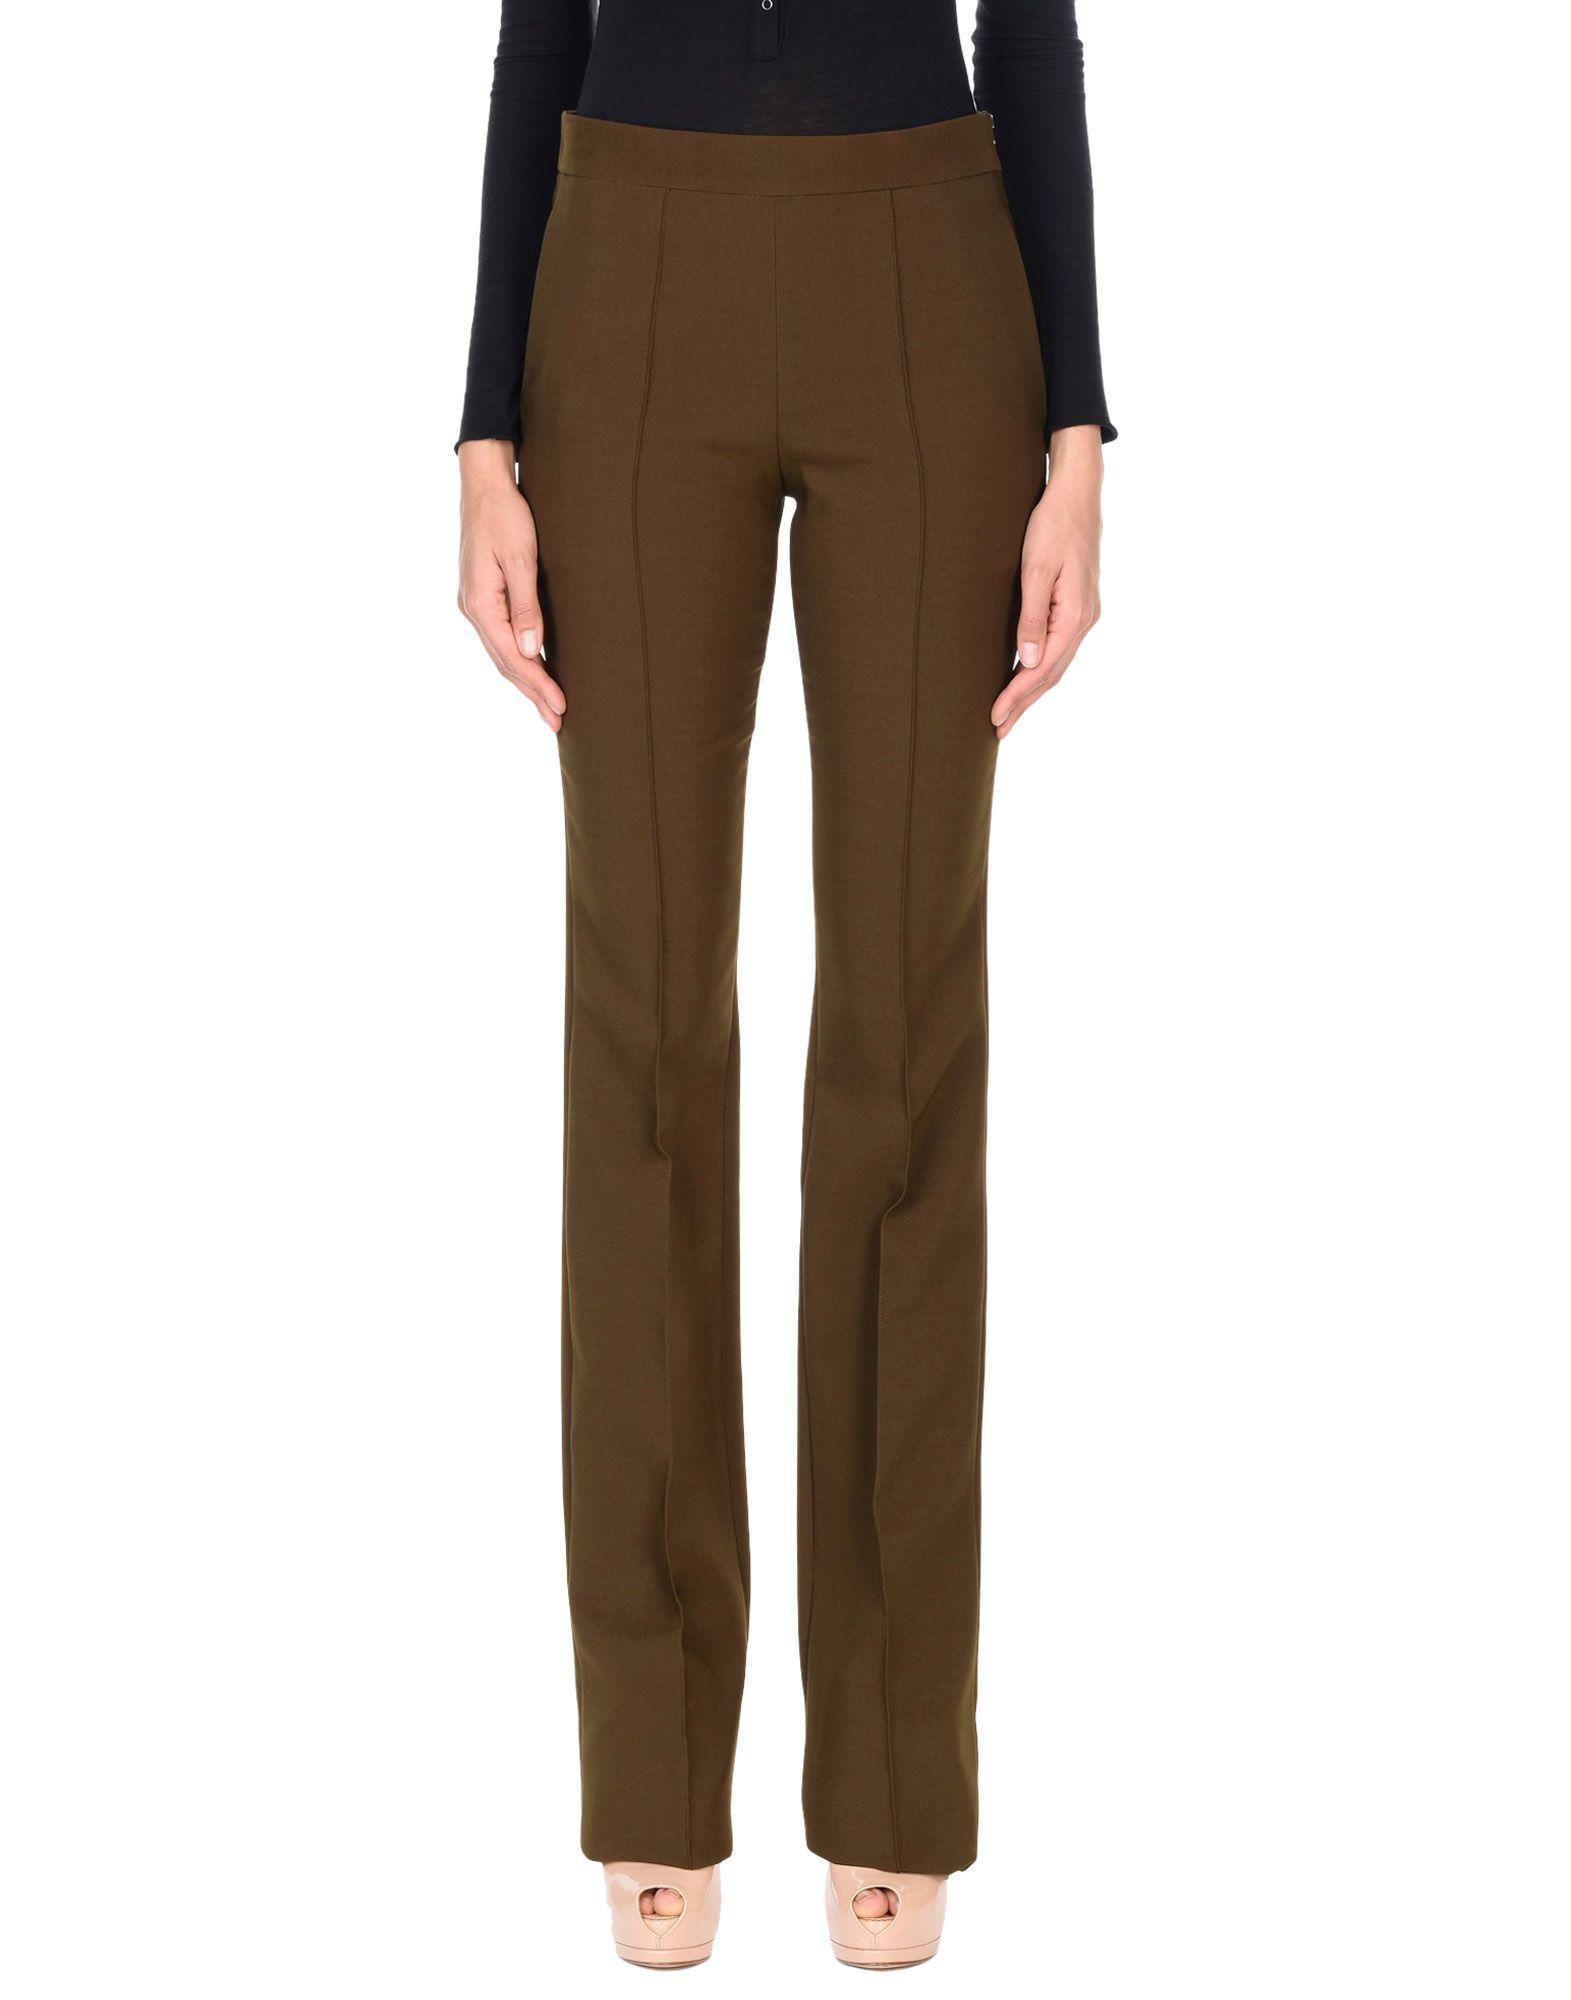 Pantalone Marni Donna - Acquista online su Qlus6